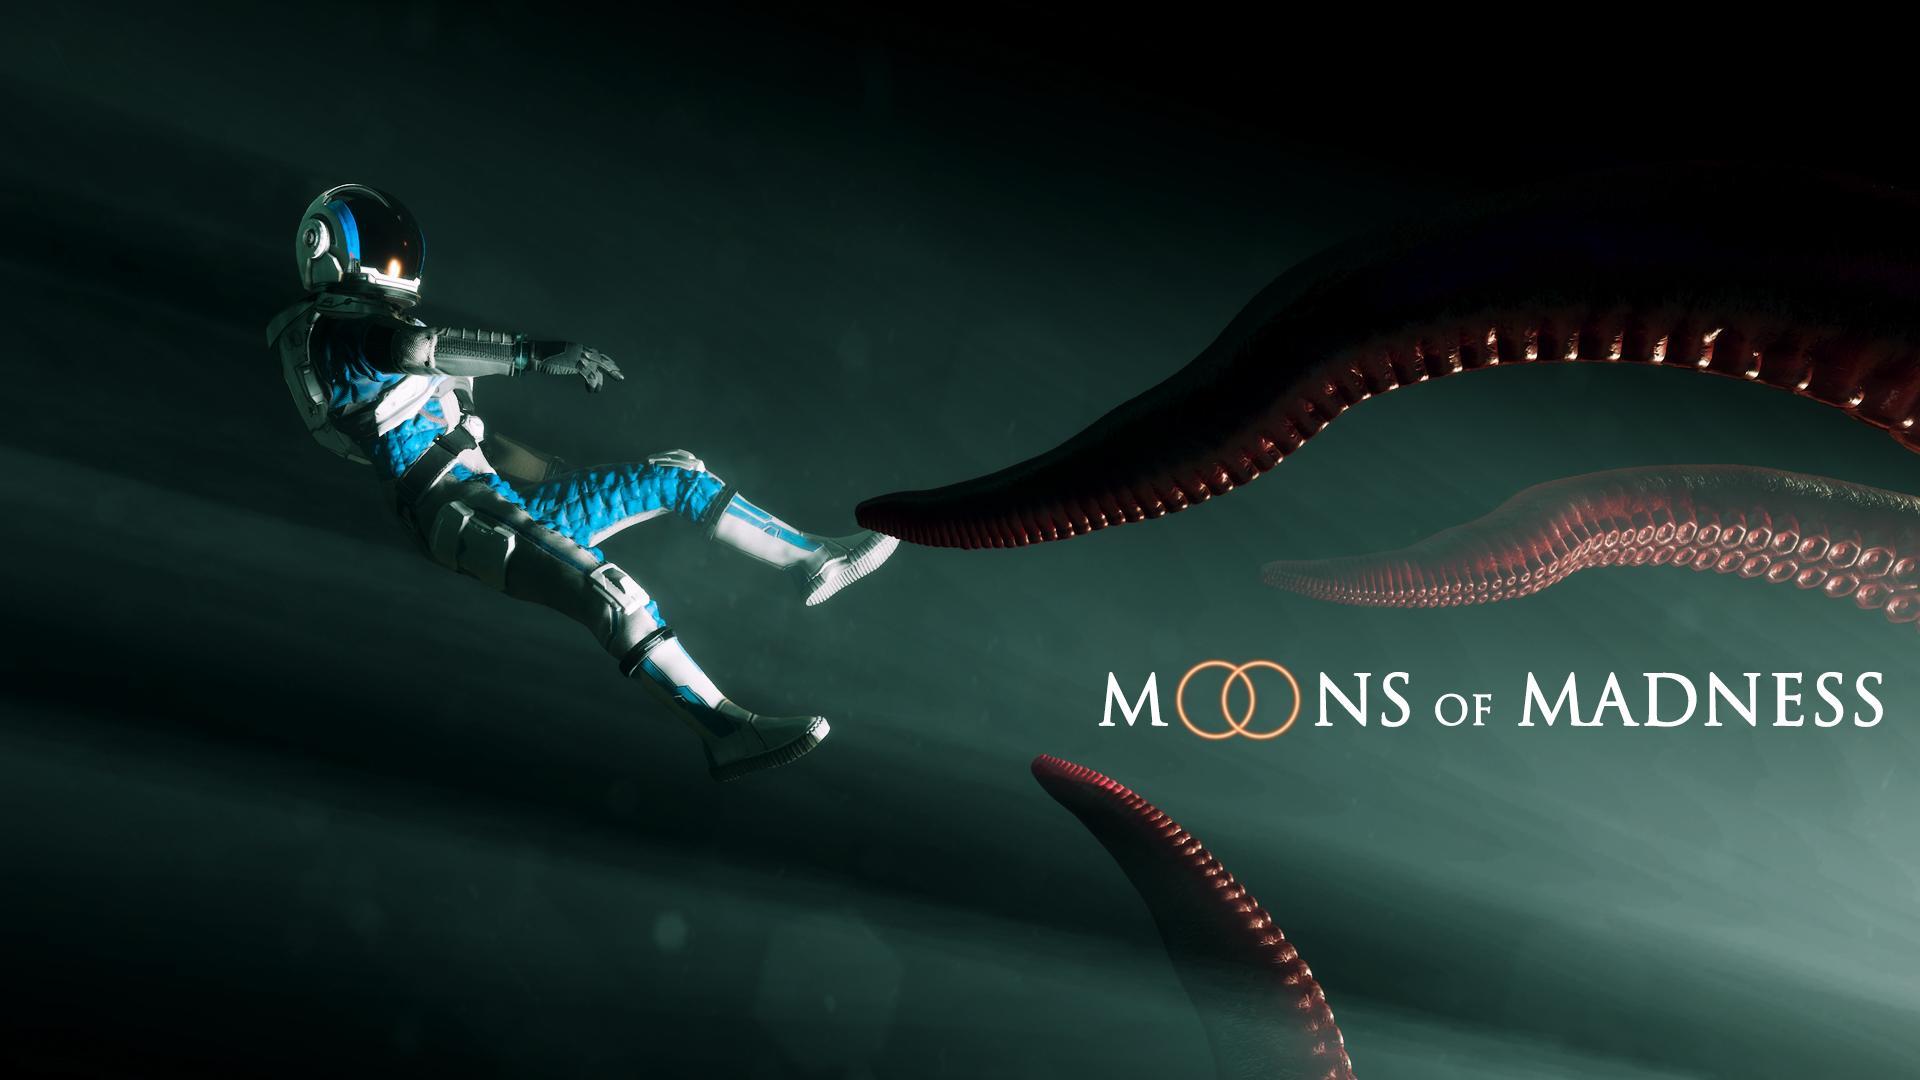 Moons of Madness - Recensione | Uno è un'anomalia, due sono normalità